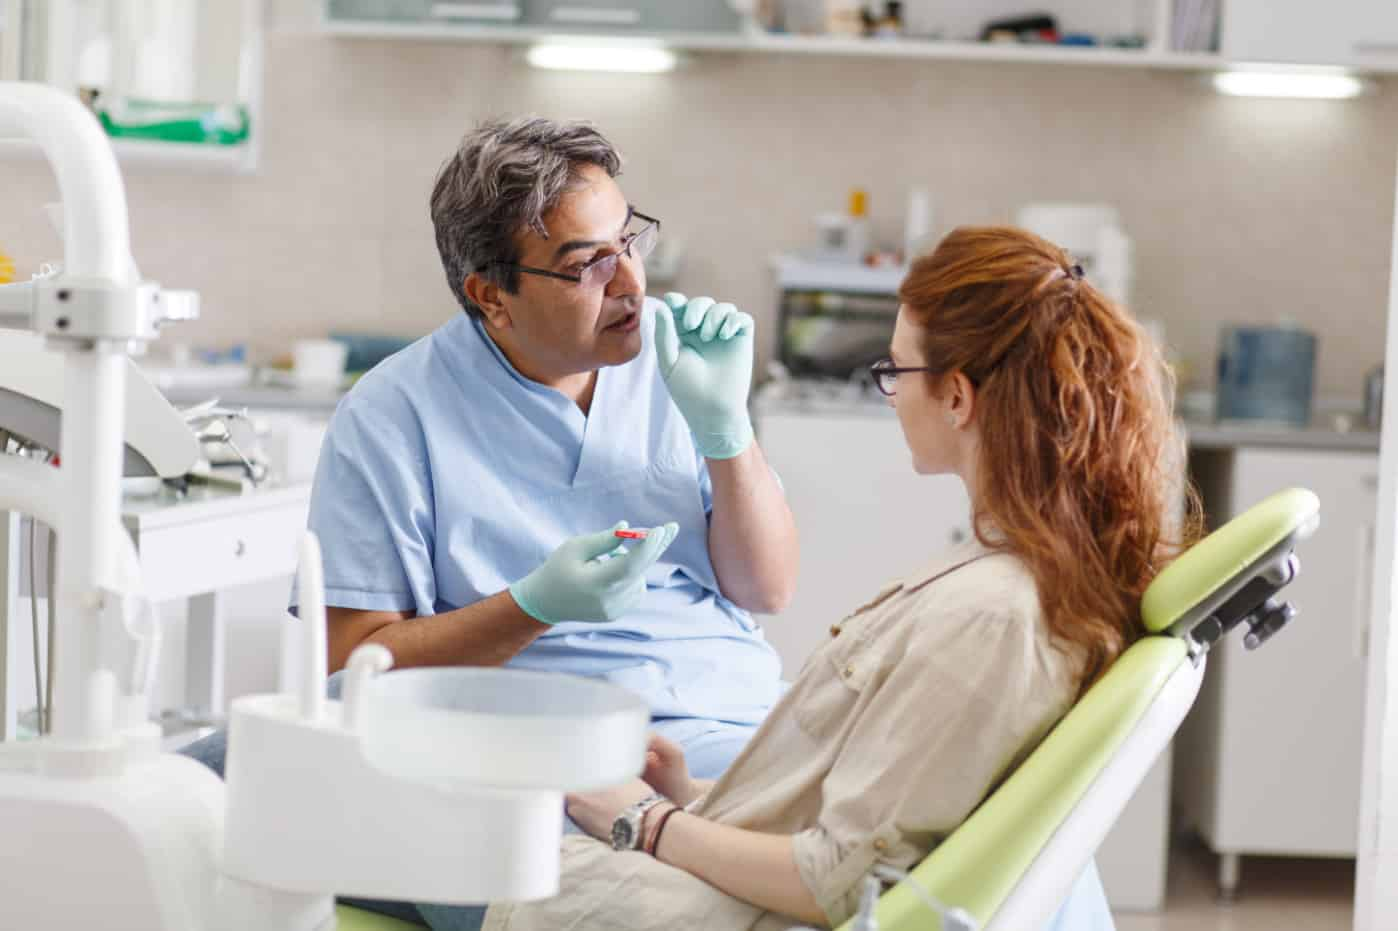 Самые распространенные мифы об имплантации зубов фото